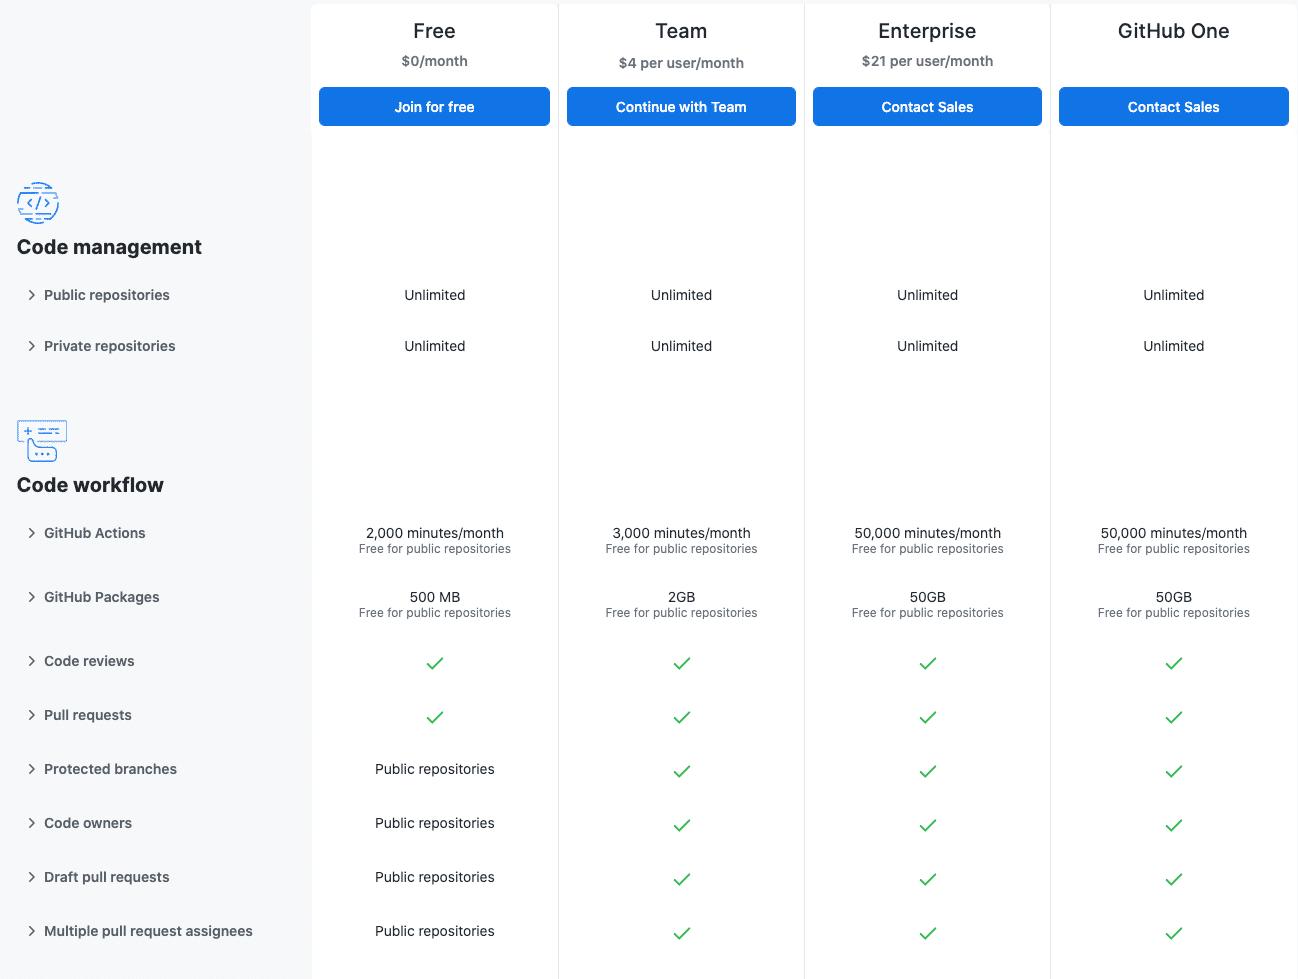 Os planos de preços da GitHub